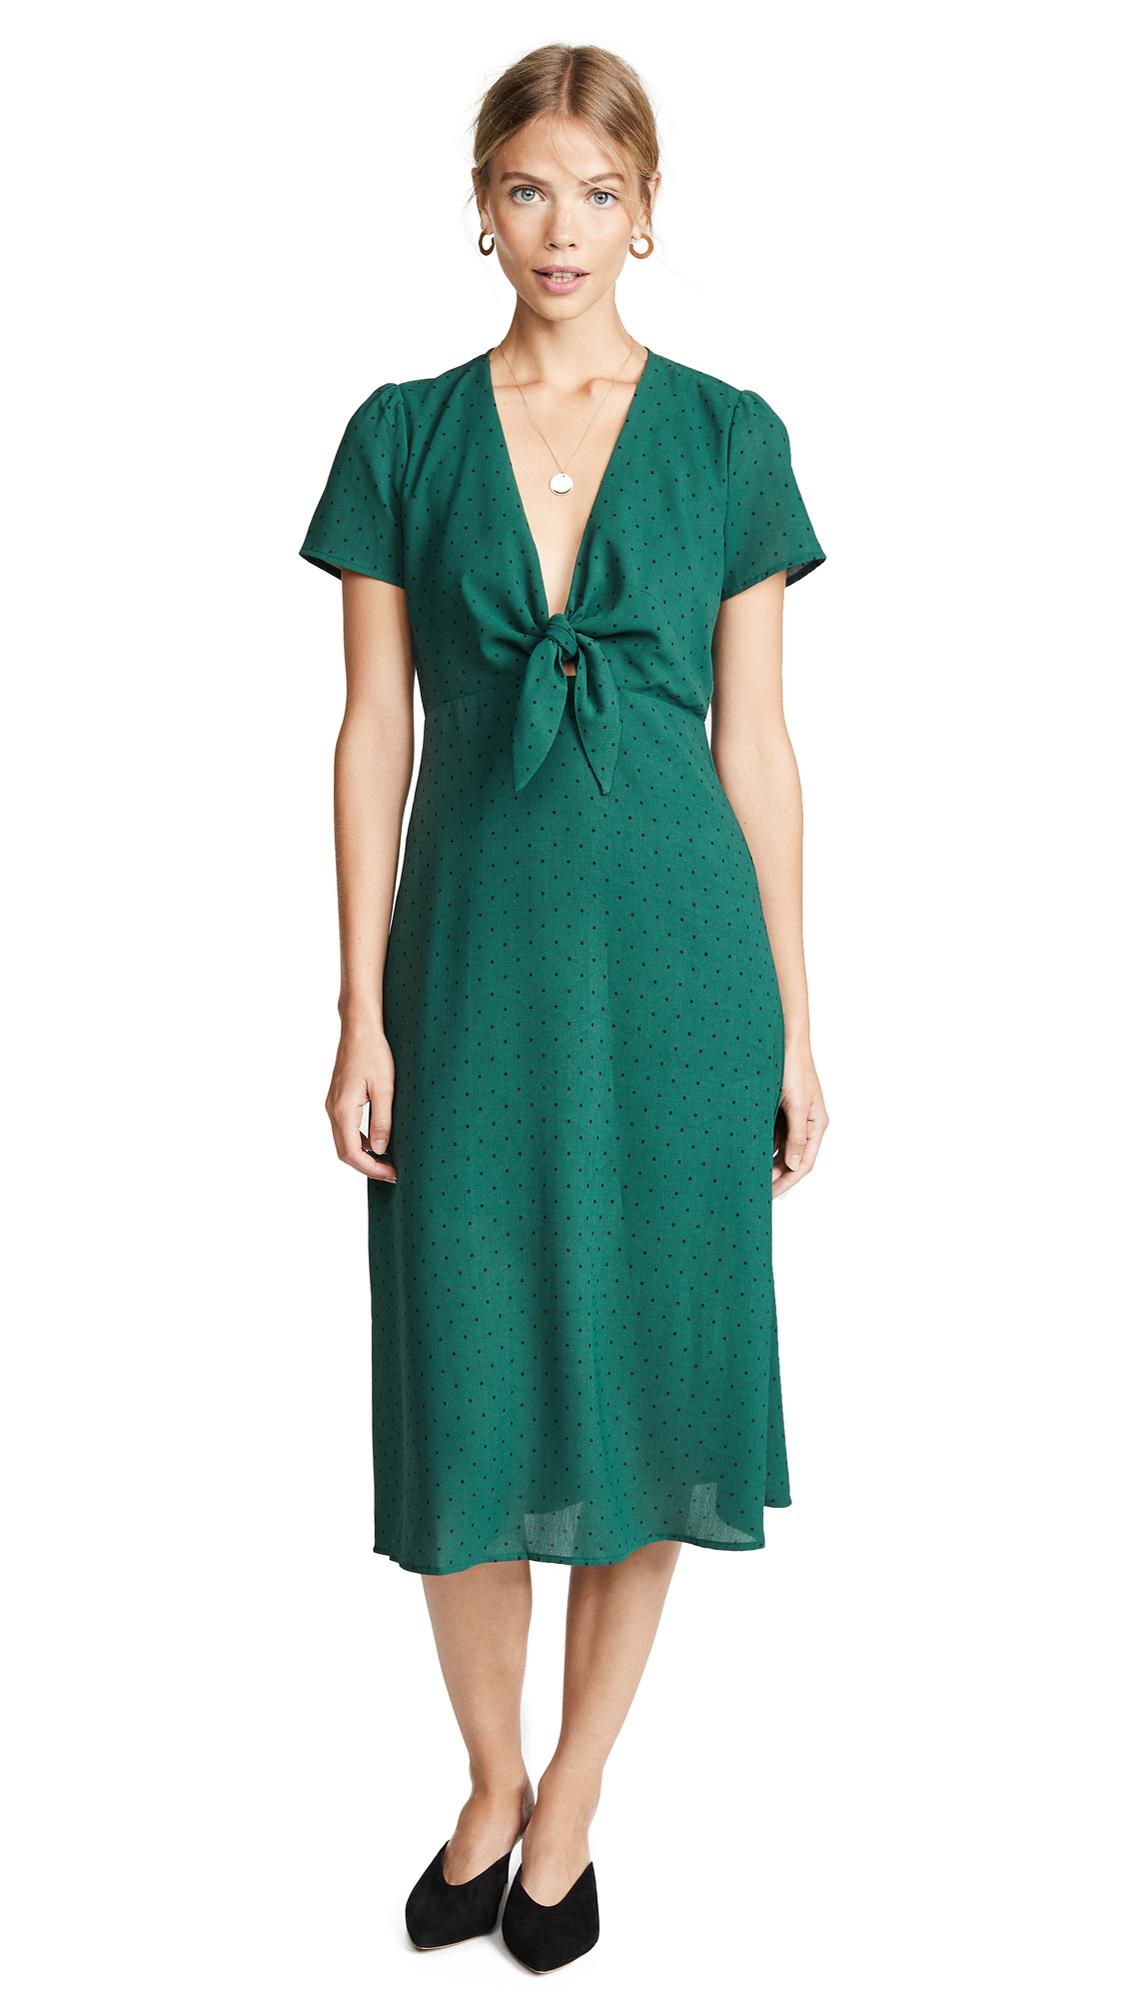 re: named Polka Dot Dress - Hunter